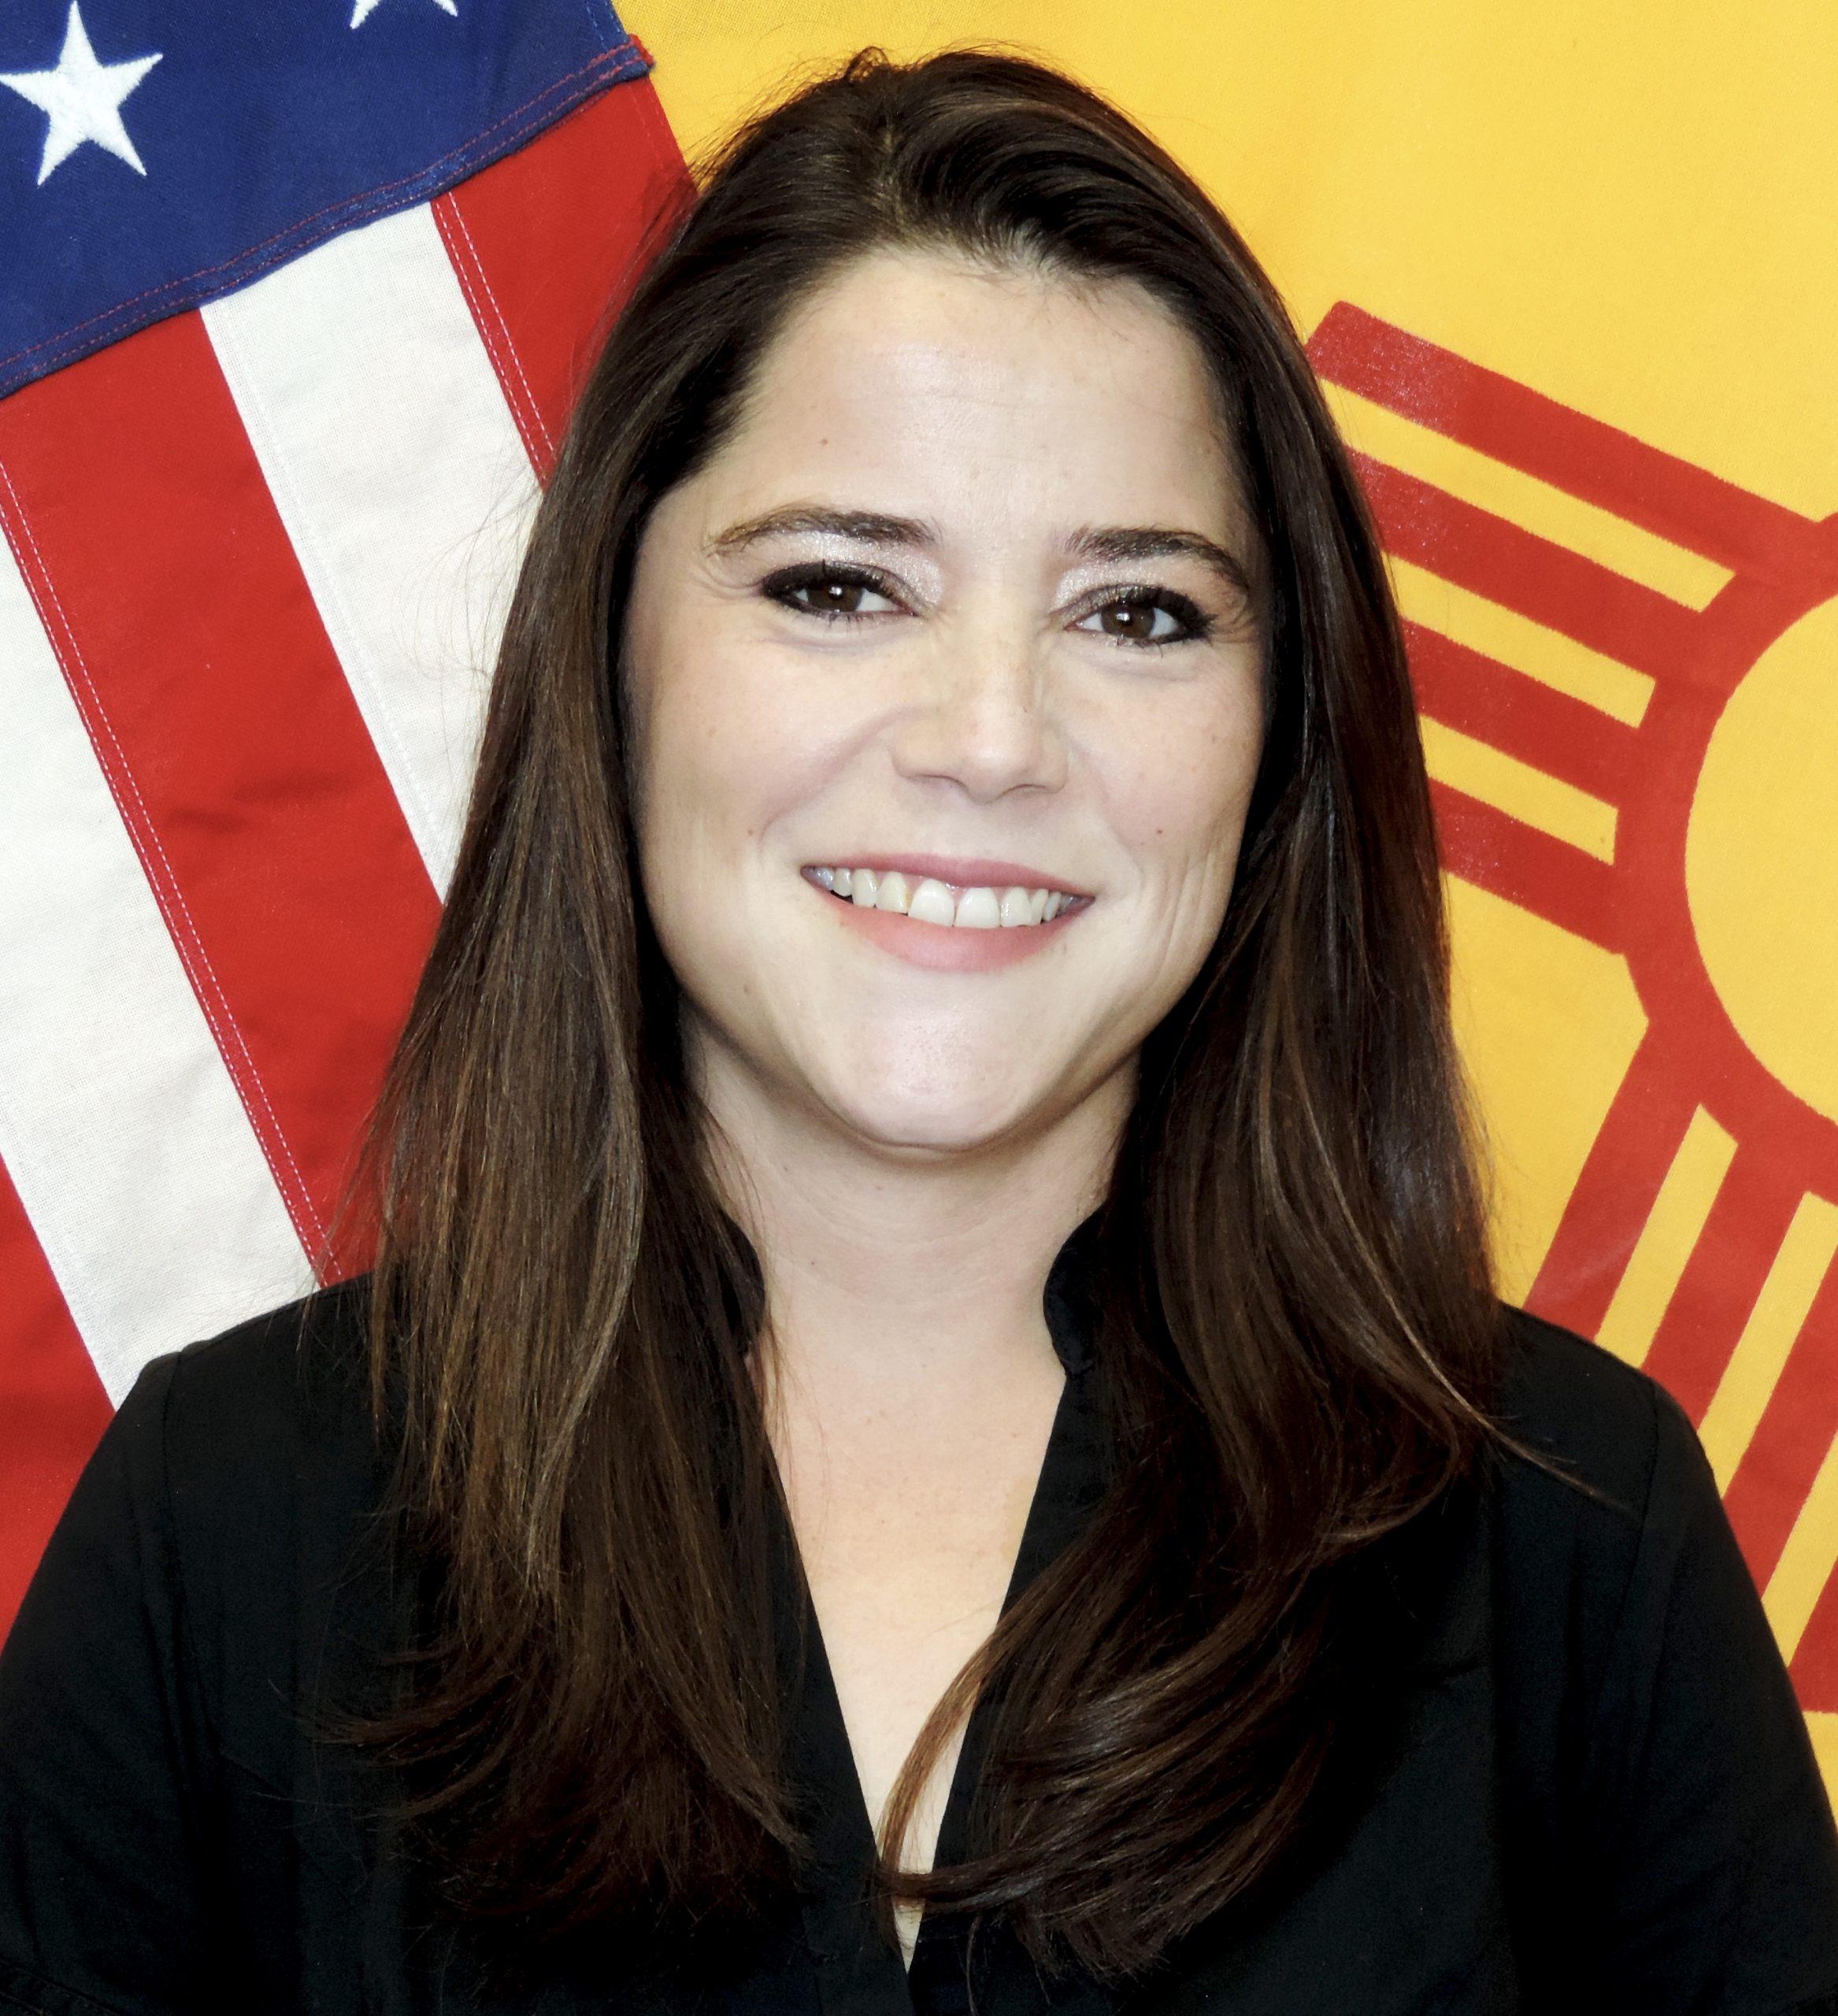 Alisha Tafoya Lucero